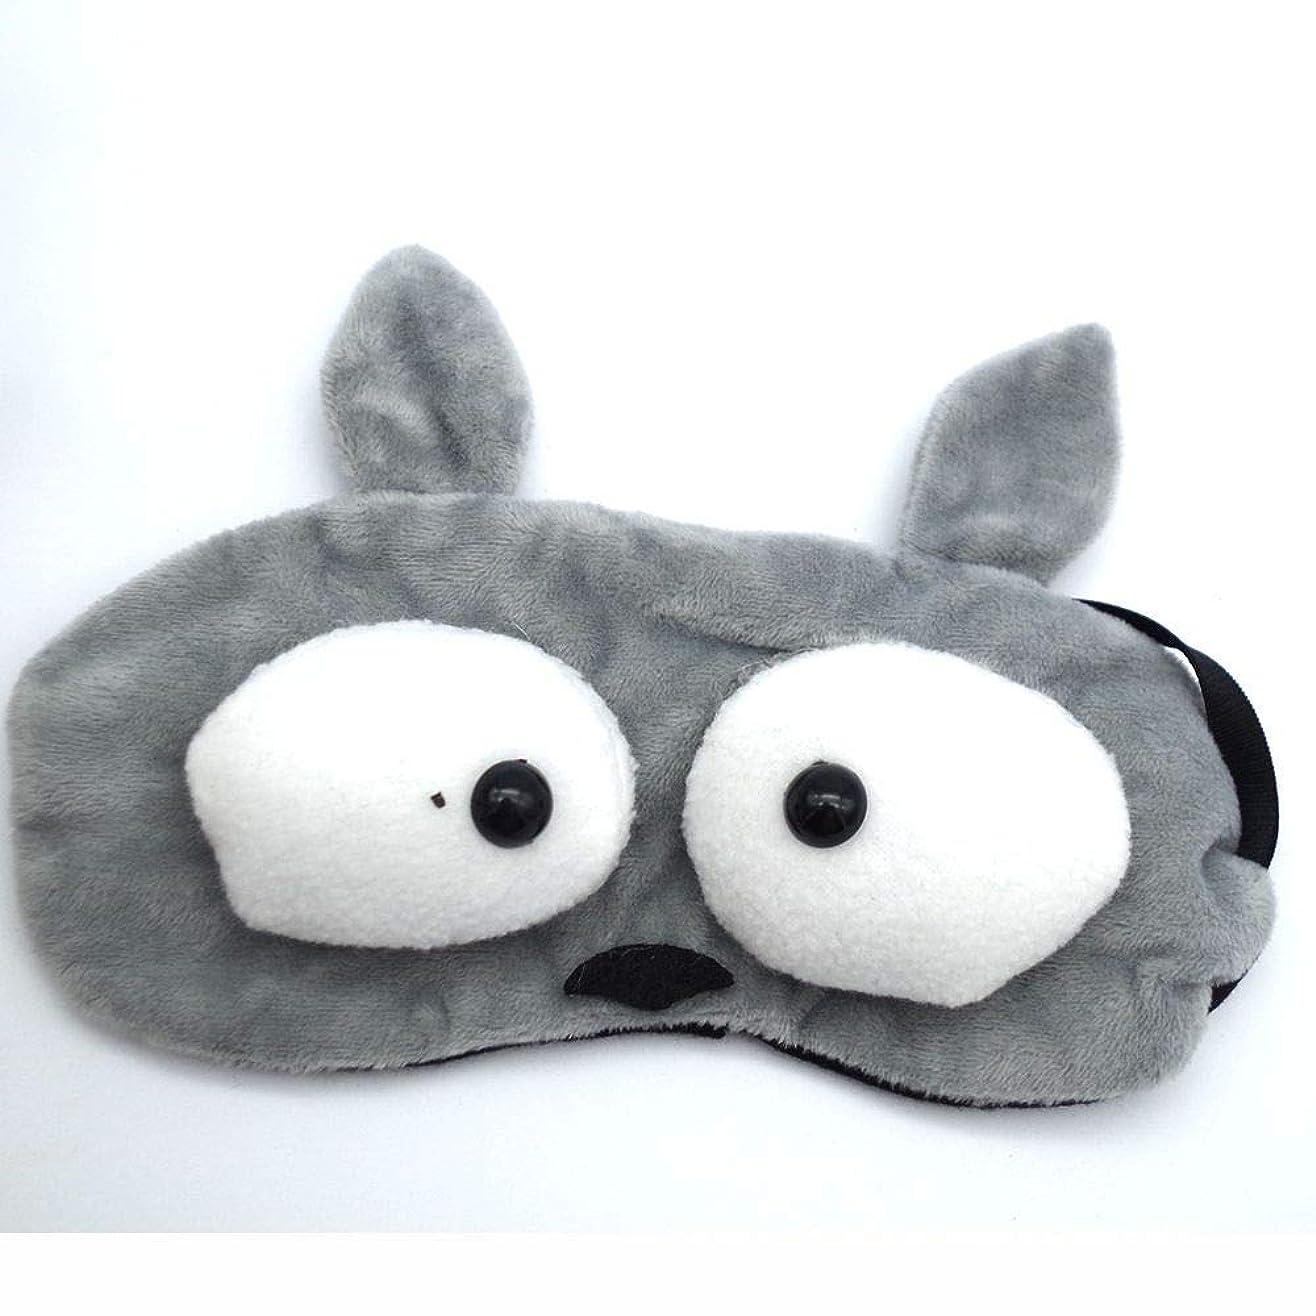 十二突然言うNOTE 1ピース動物睡眠アイマスクパッド入りシェードカバー目隠し睡眠旅行リラックスマスクアイカバー睡眠メイクアイケアツール